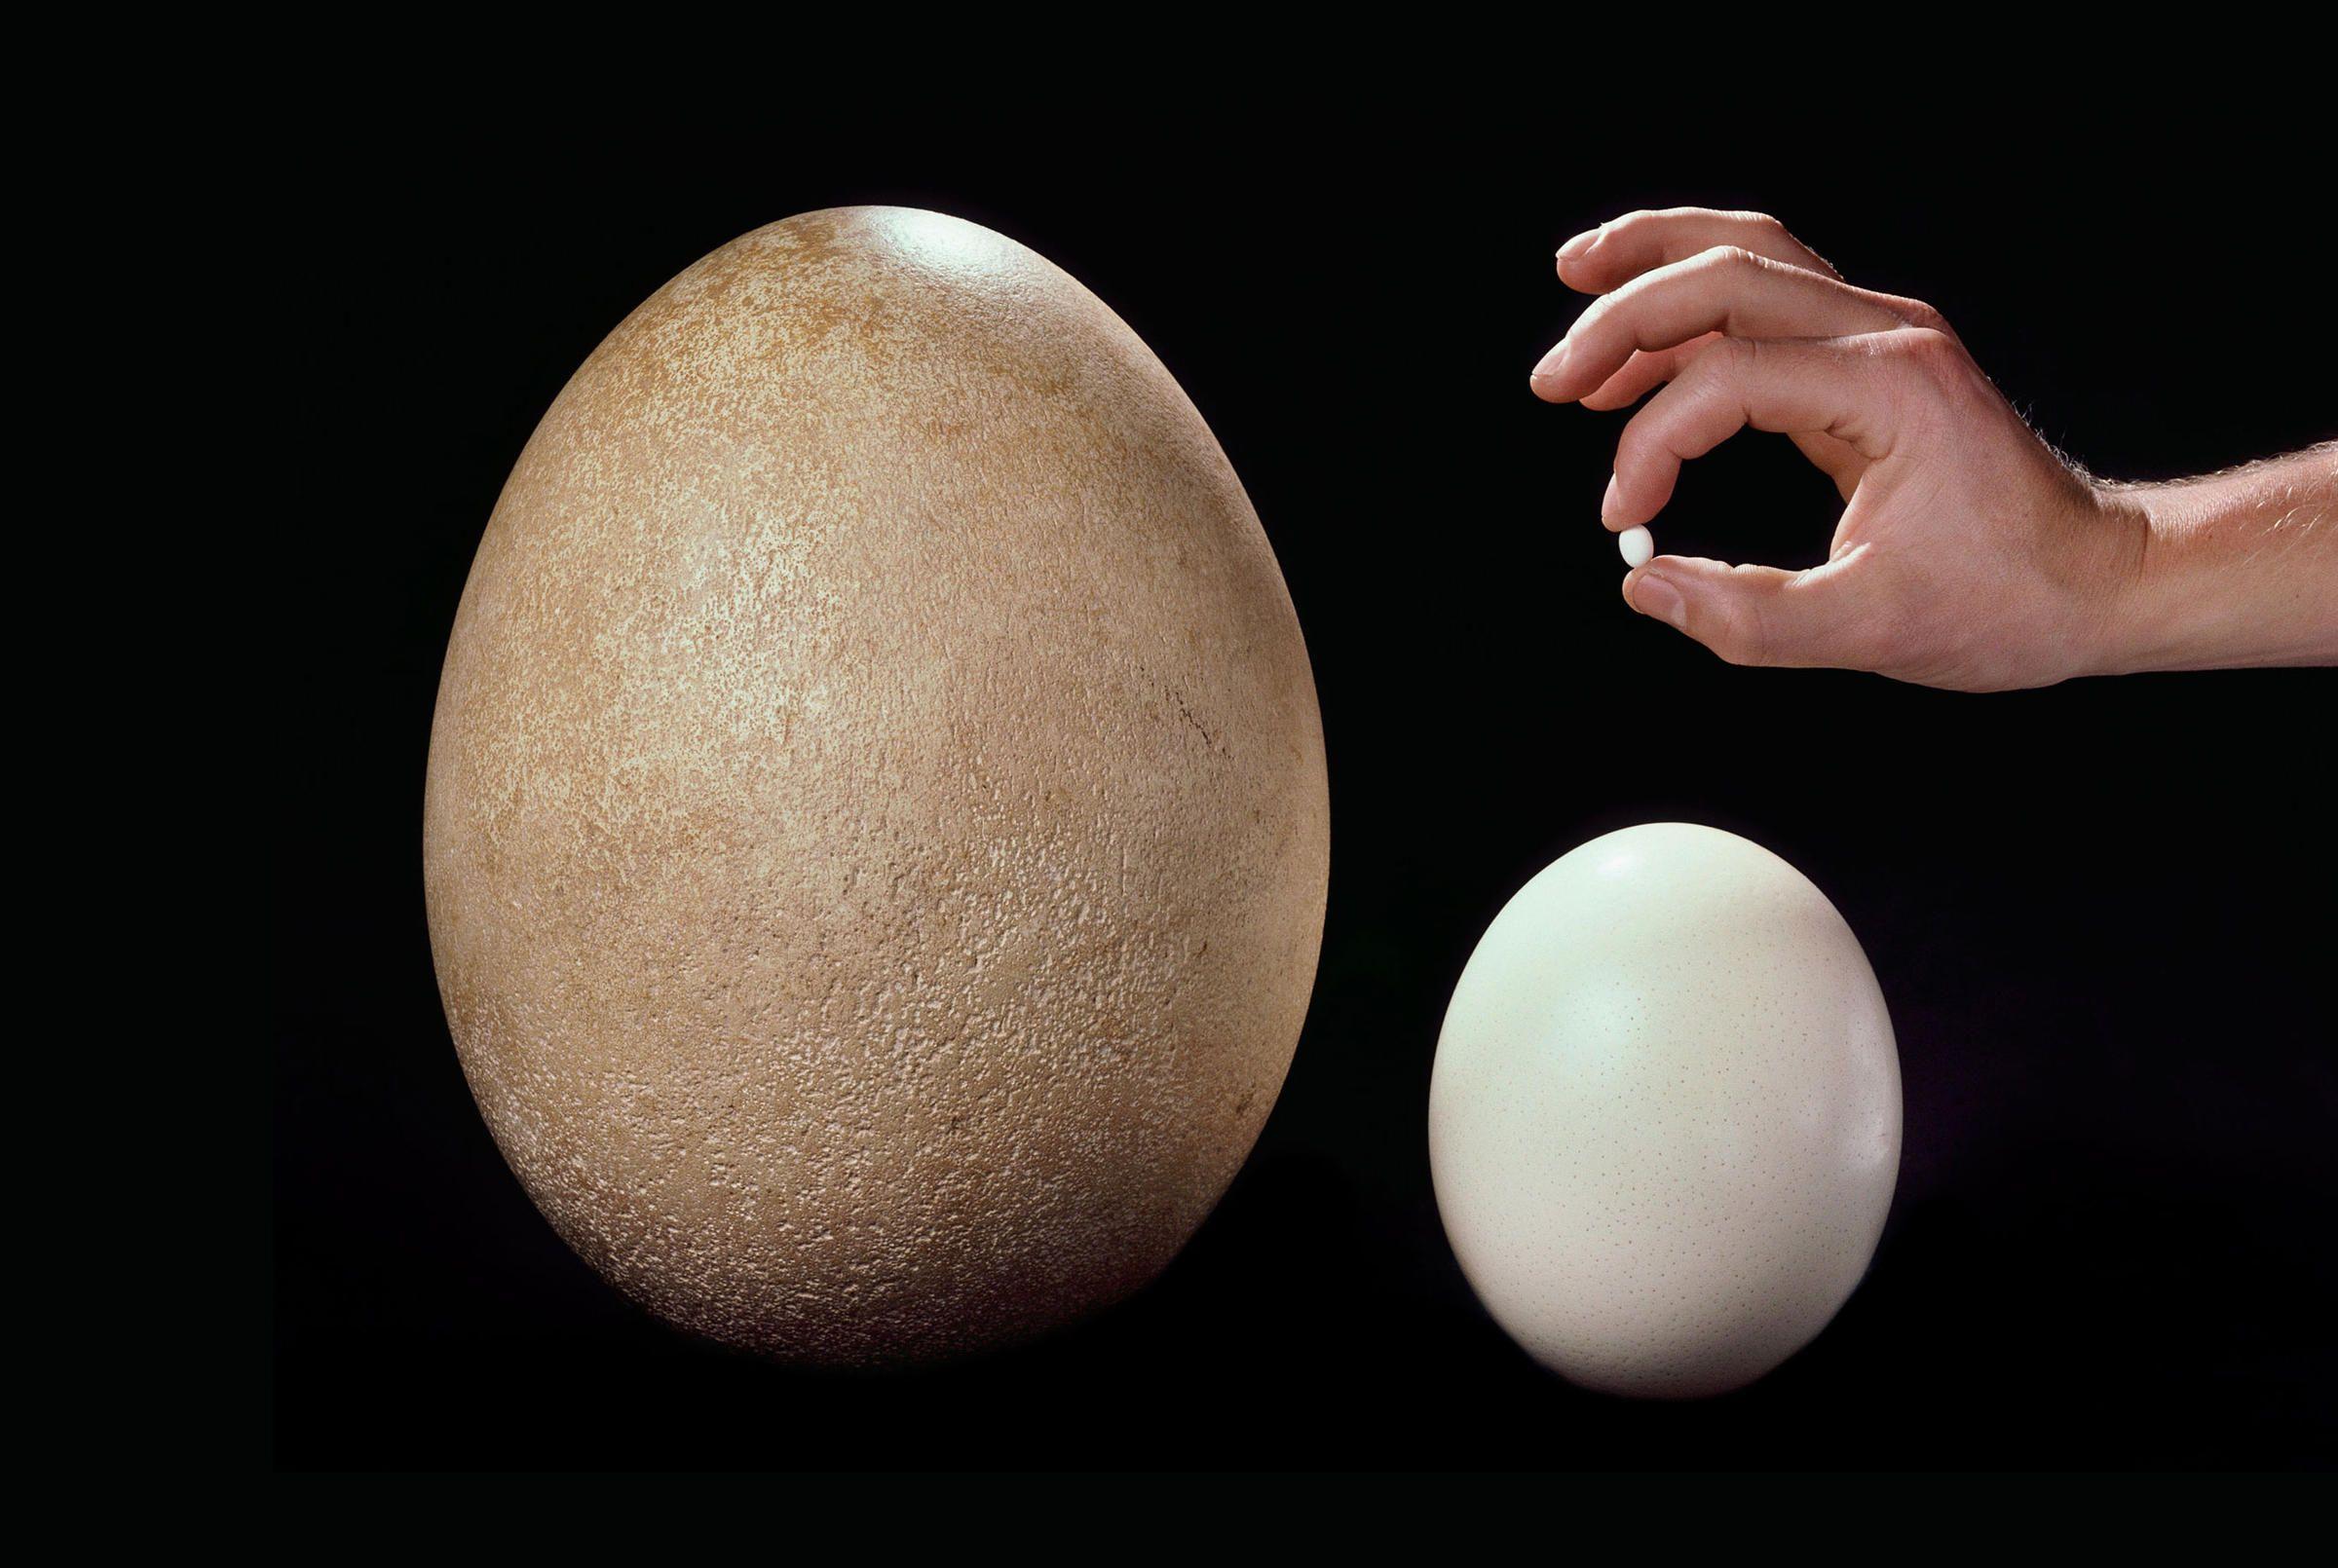 Kiwi egg vs ostrich egg - photo#3